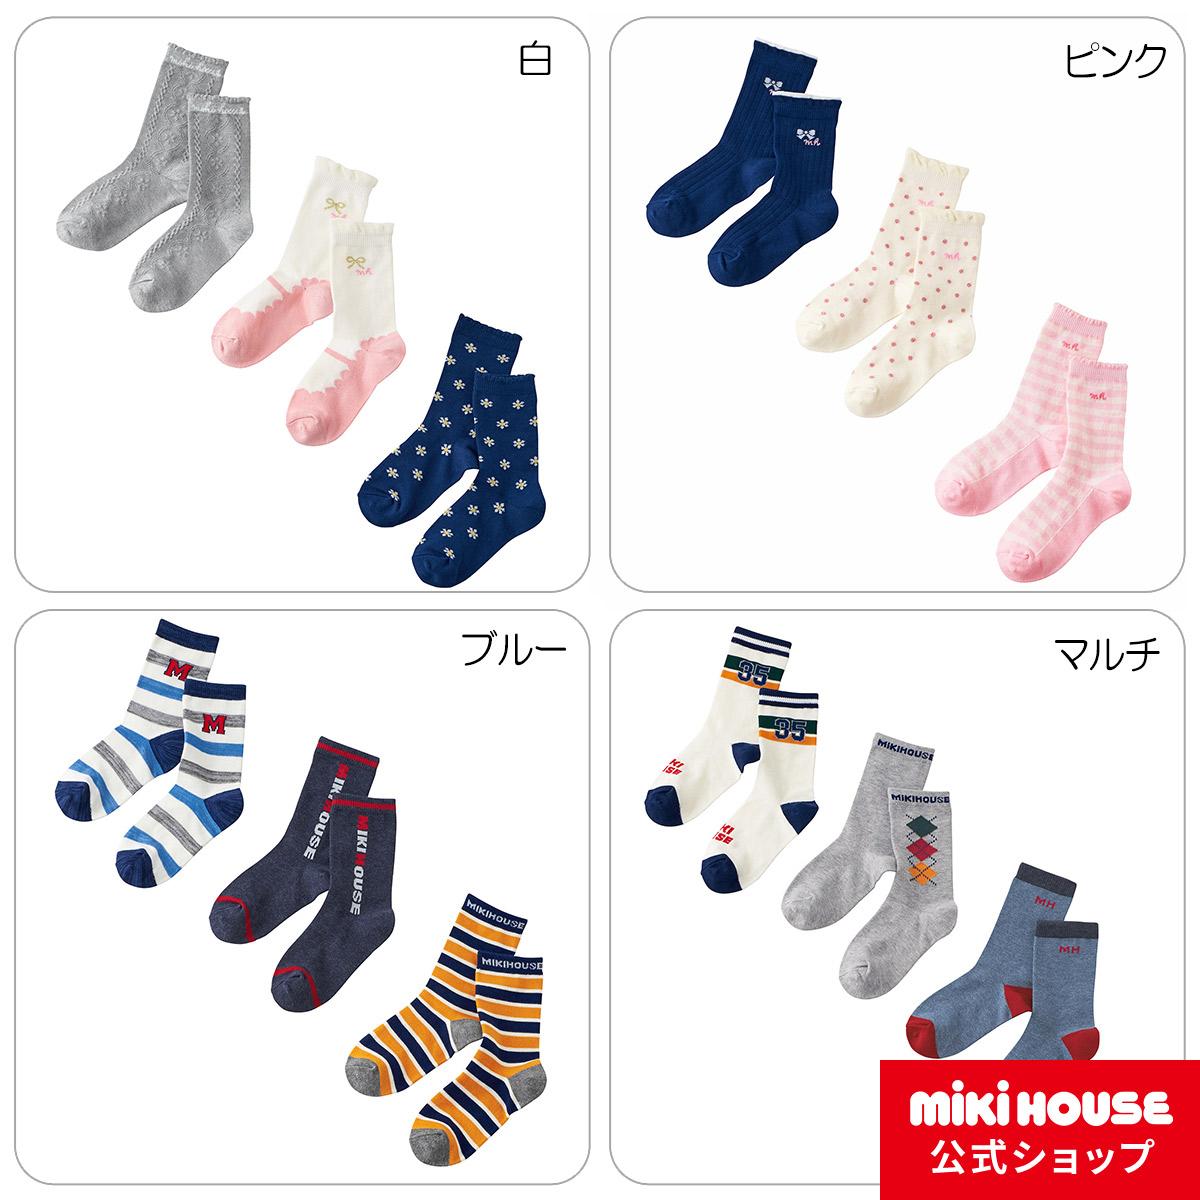 購入 ミキハウス mikihouse ソックスパック3足セット 大好評です 17cm-23cm 男の子 子ども 女の子 こども キッズ 靴下